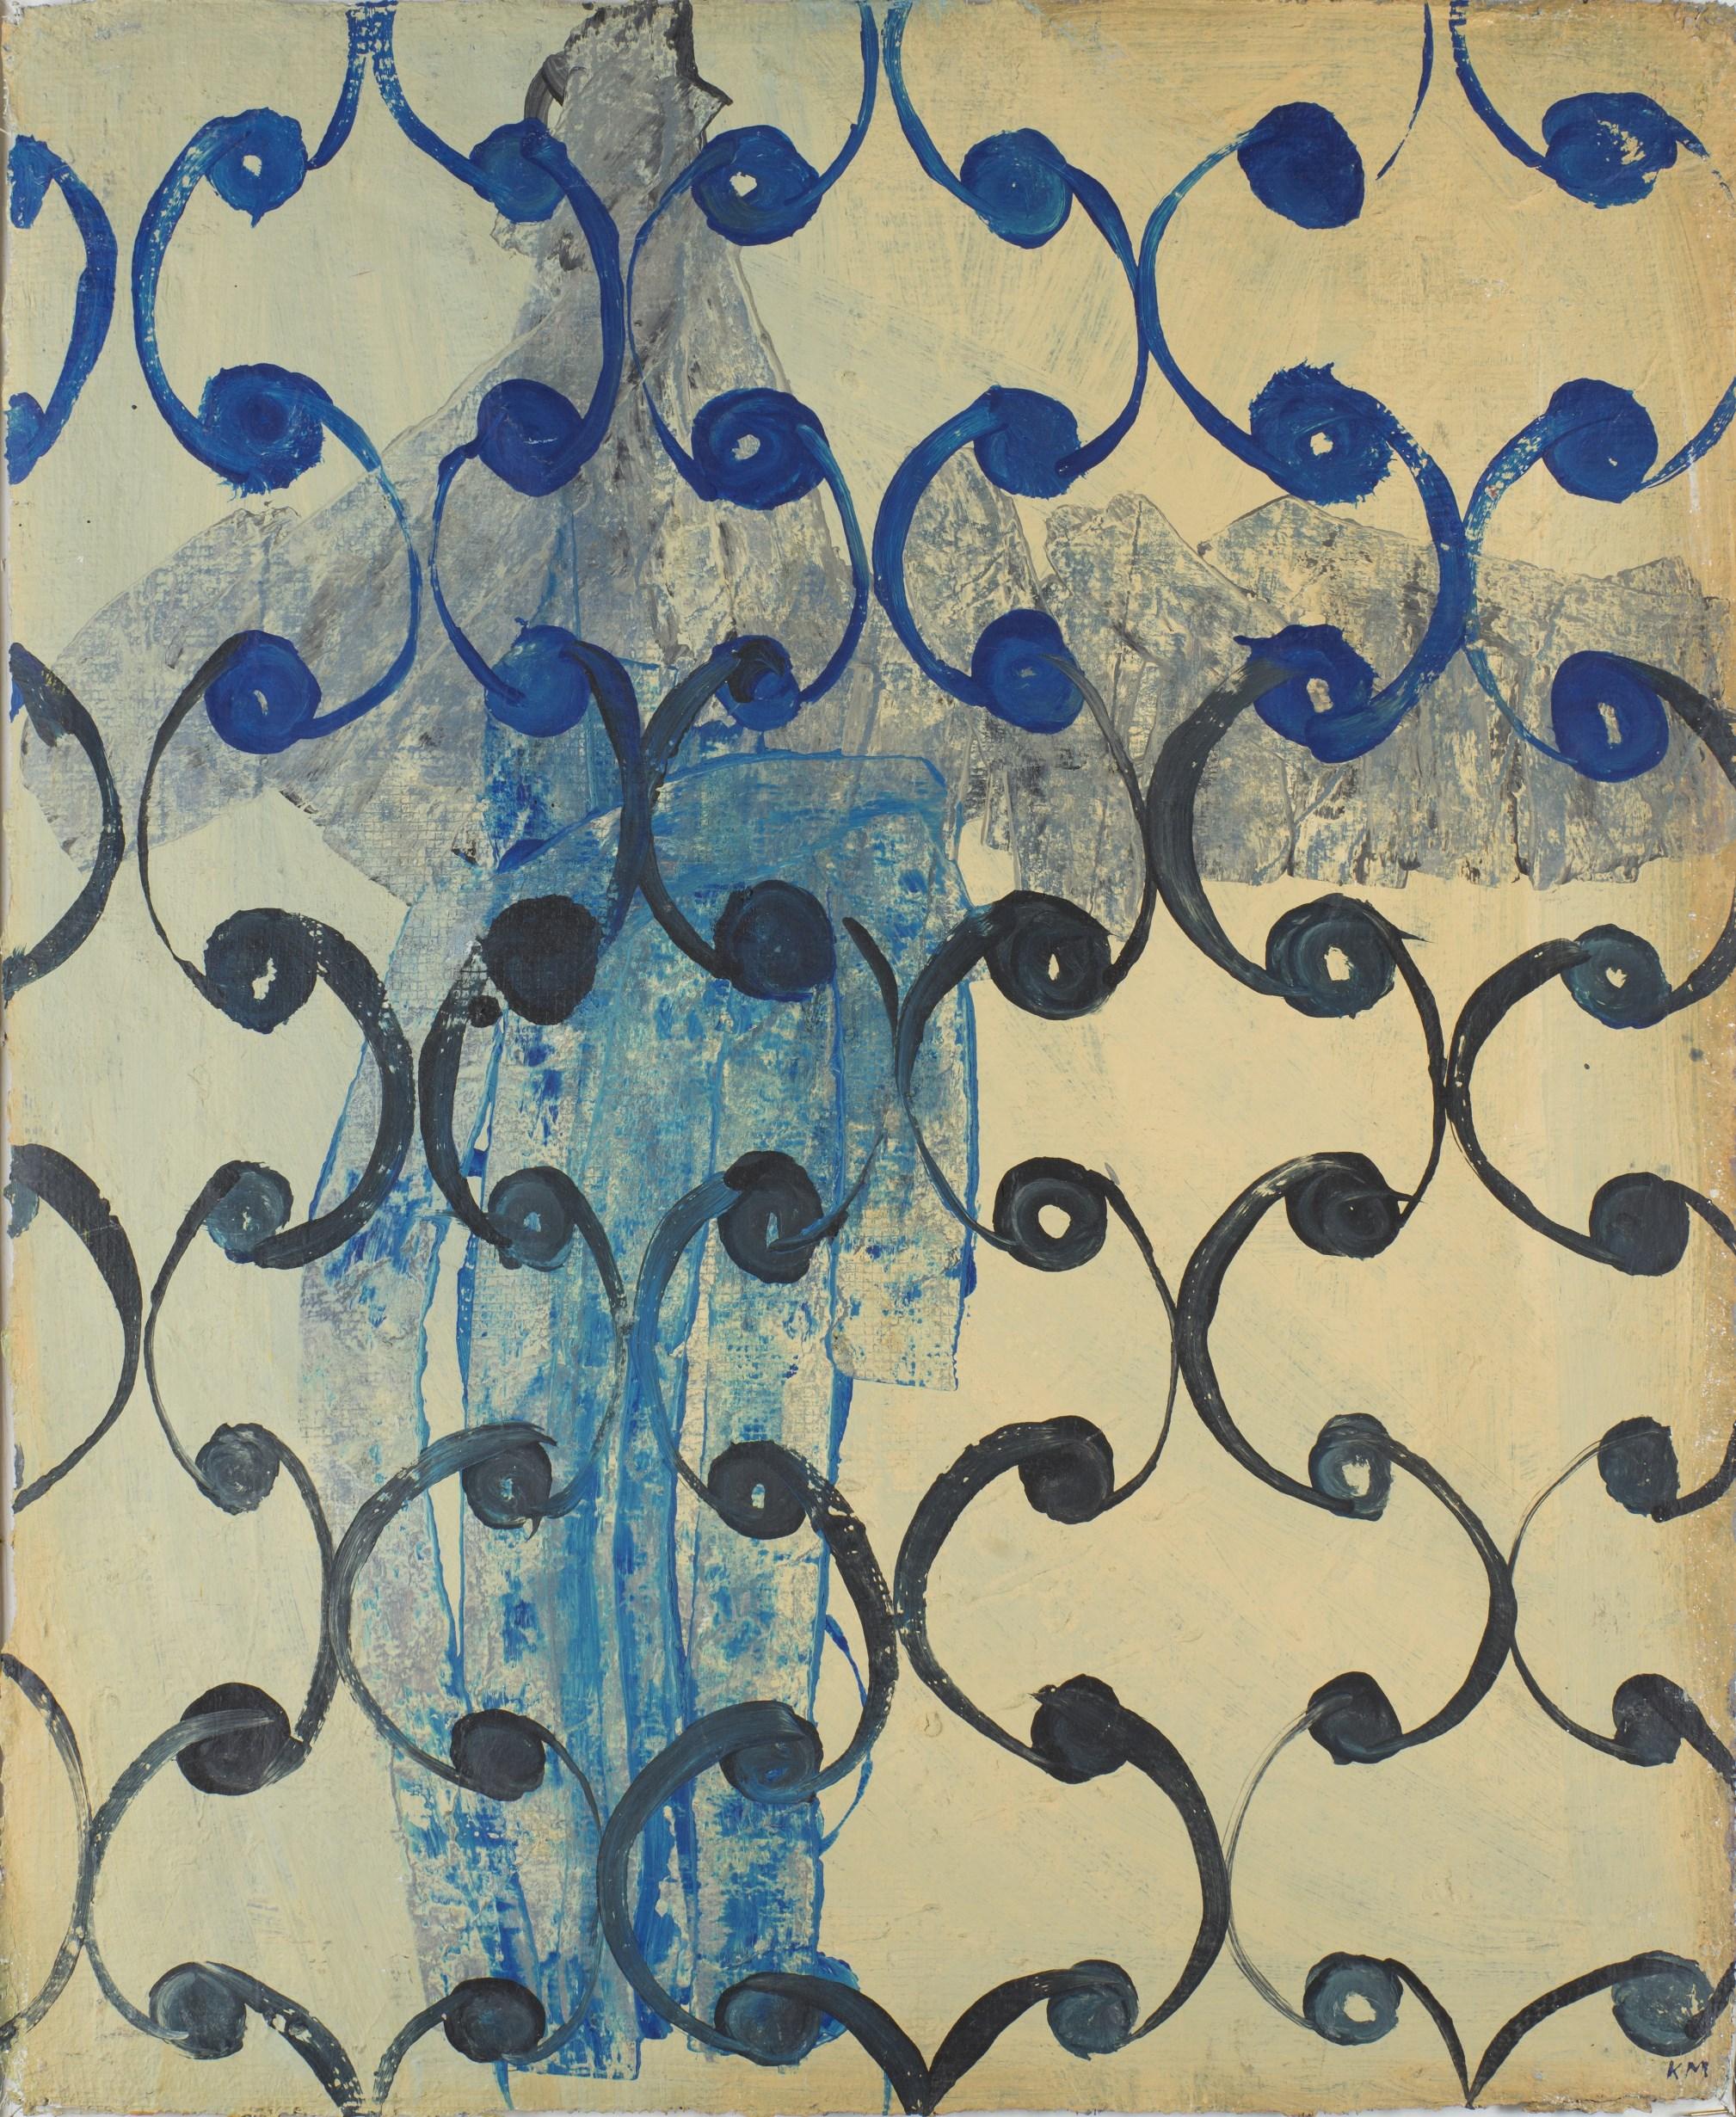 Магомед Кажлаев. М-1. 2013. Армированная бумага, акрил. 83х50 см Коллекция Фонда Марджани.jpg